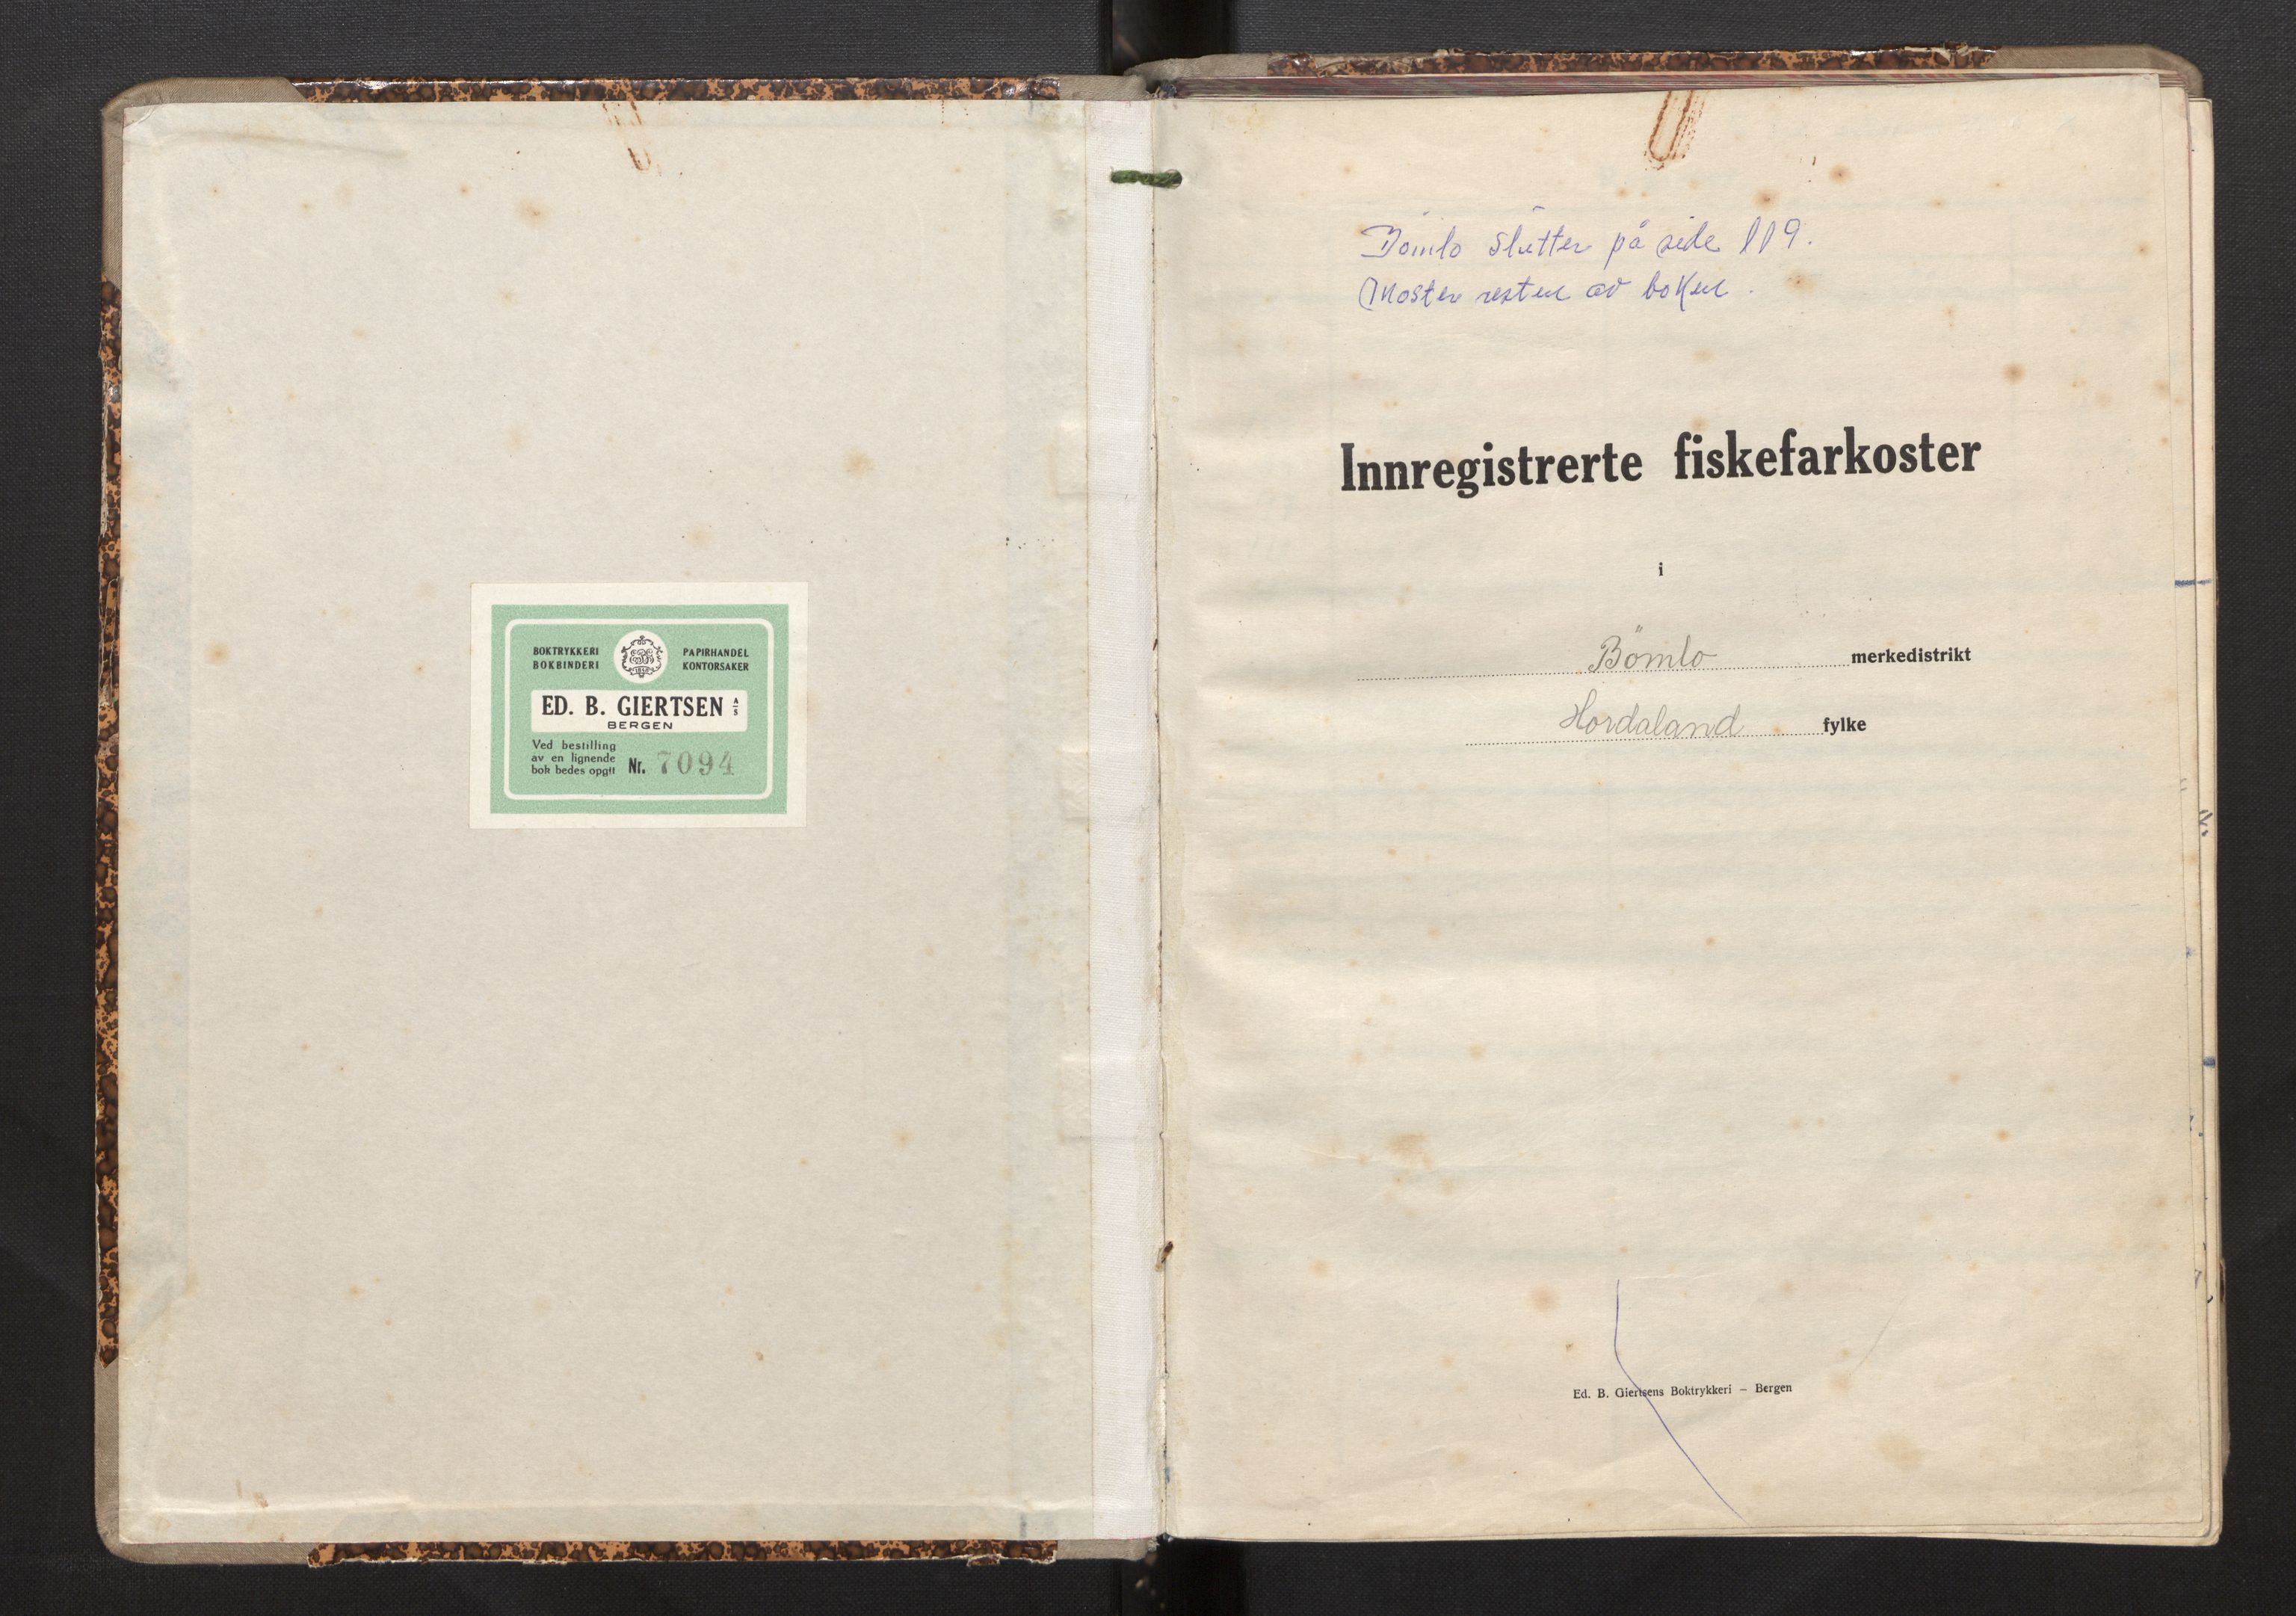 SAB, Fiskeridirektoratet - 1 Adm. ledelse - 13 Båtkontoret, I/Ia/Iah/L0028: 135.0809/2 Merkeprotokoll - Bømlo, 1944-1963